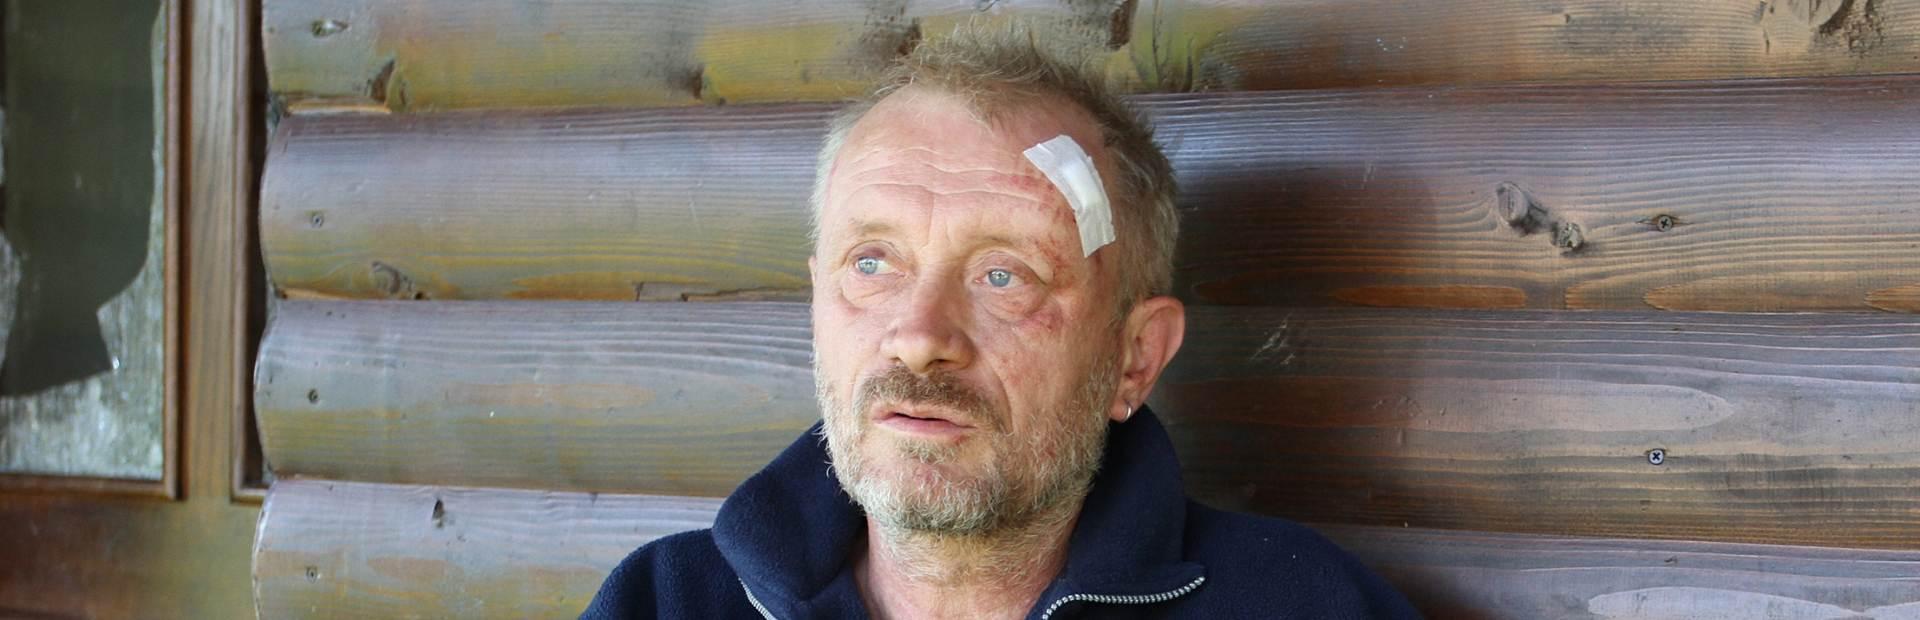 TEŠKO KAZNENO DJELO: Napadači na Peratovića pod istragom zbog pokušaja ubojstva